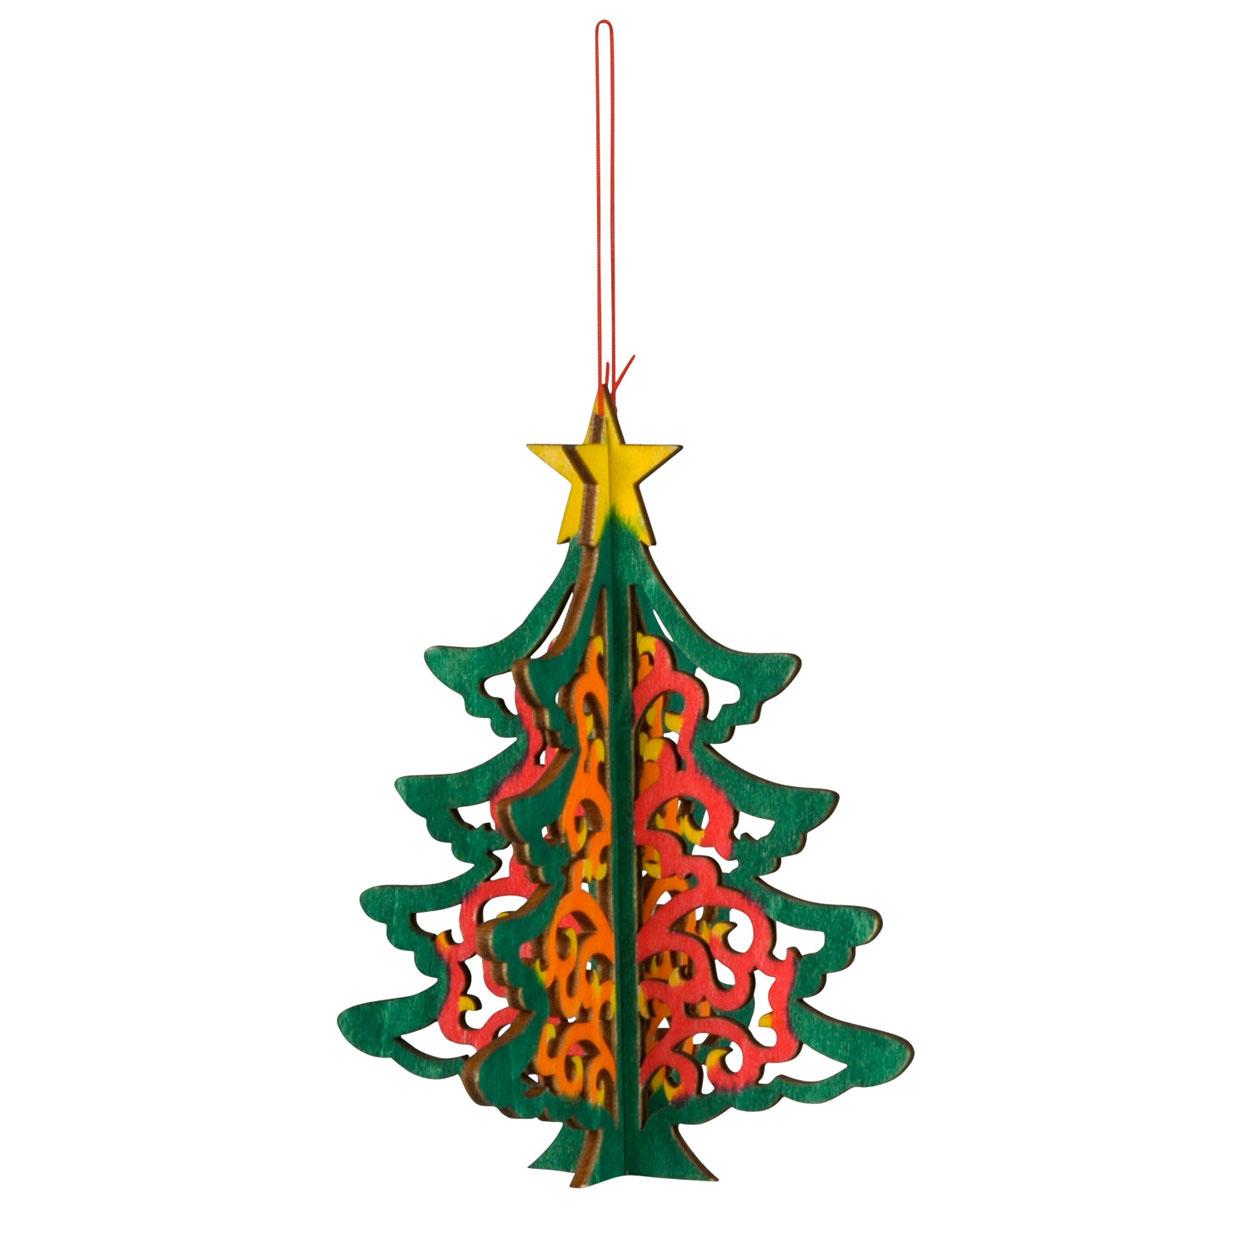 Kersthanger Kerstboom 3d Online Kopen Lobbes Speelgoed